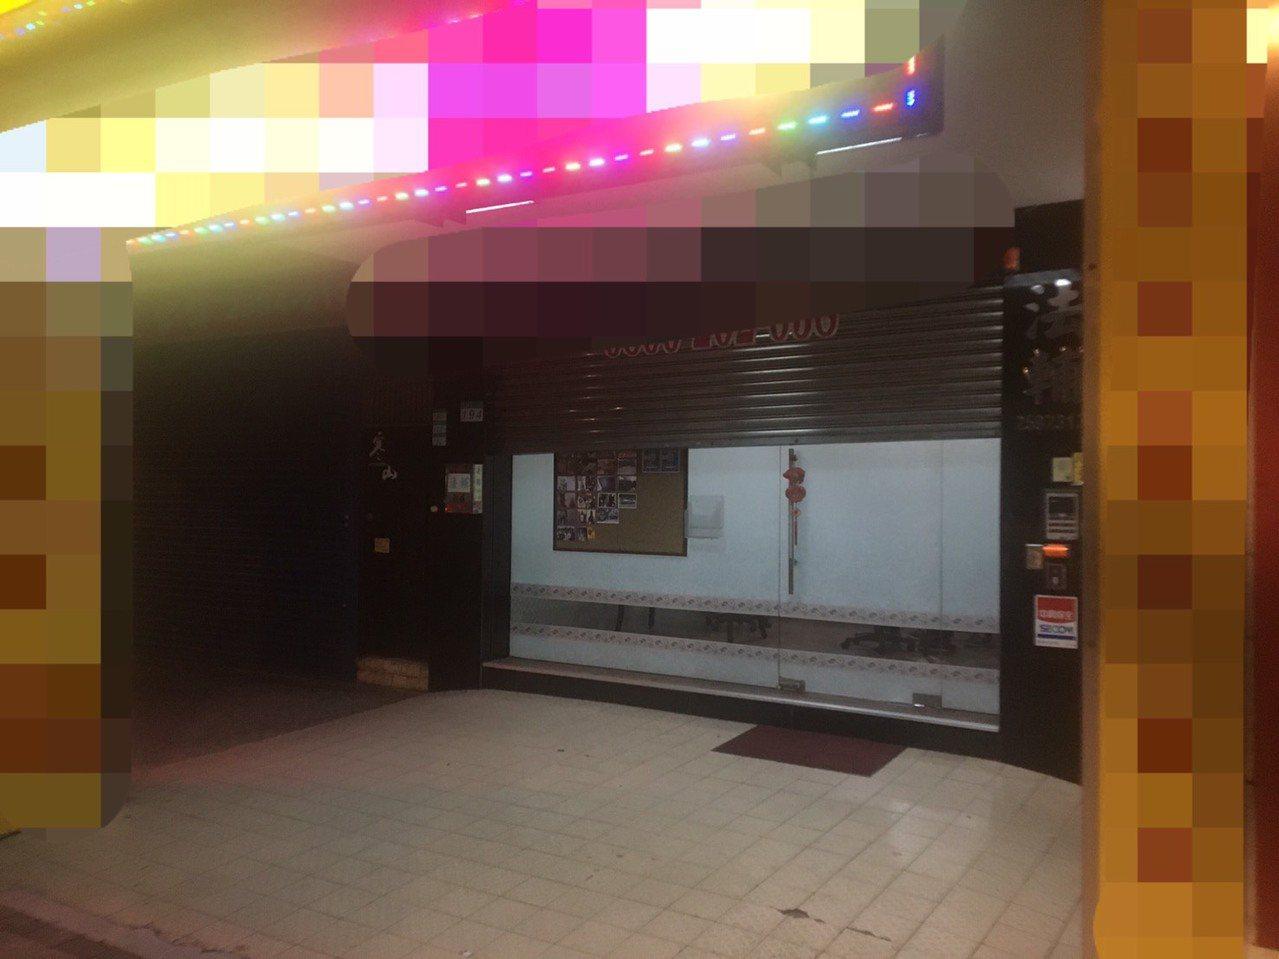 北市大同區一家當舖店內今驚傳員工遭砍殺。記者蔡翼謙/攝影